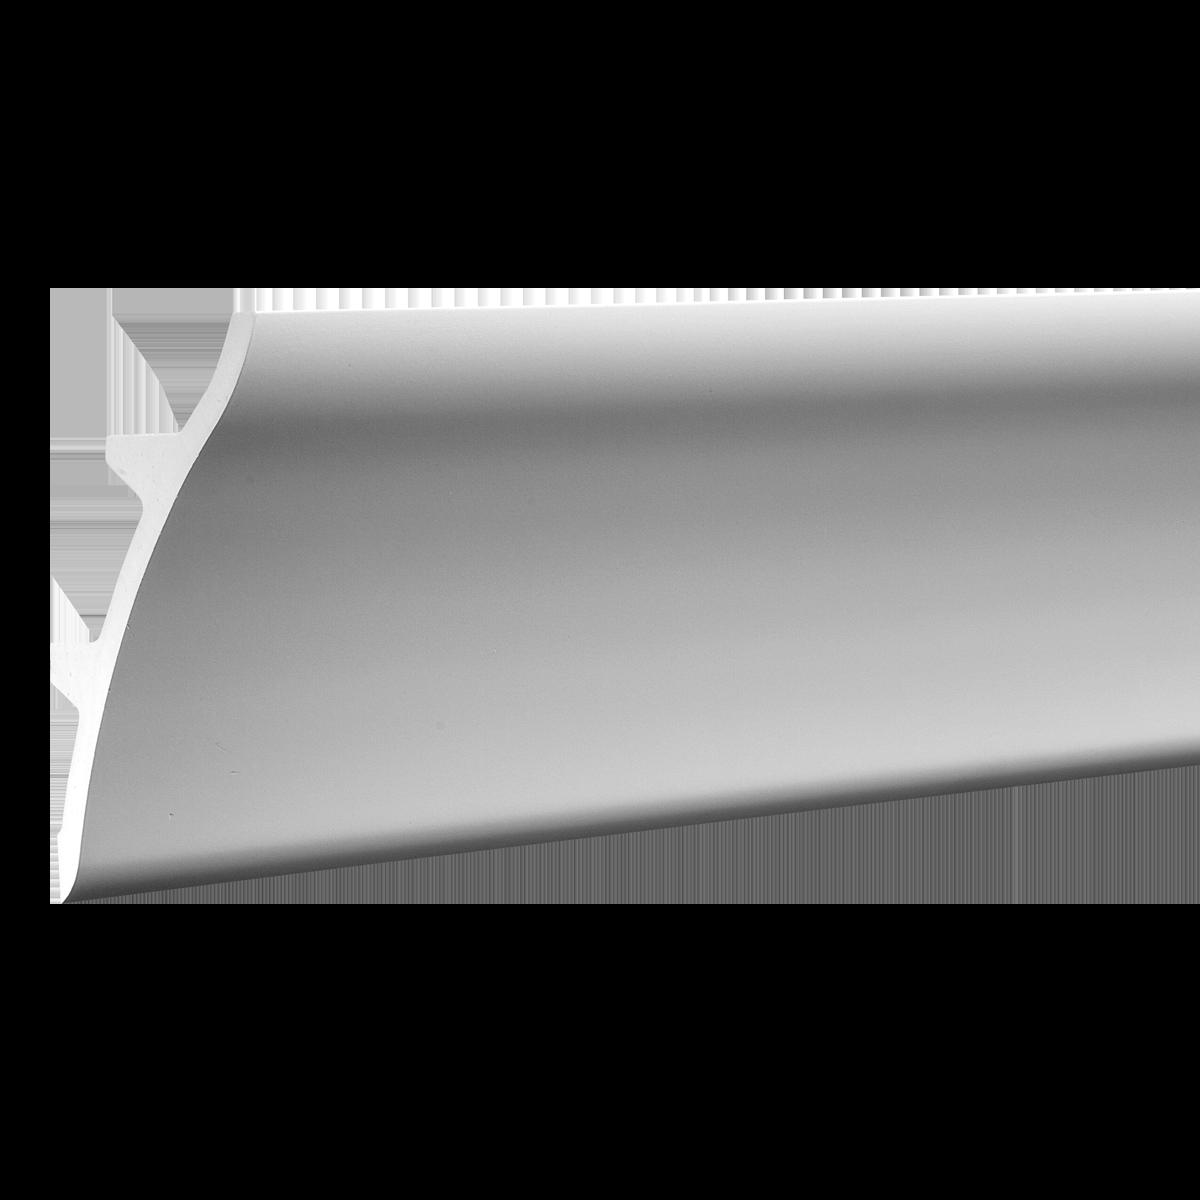 Карниз Европласт 1.50.624 (200x120)мм